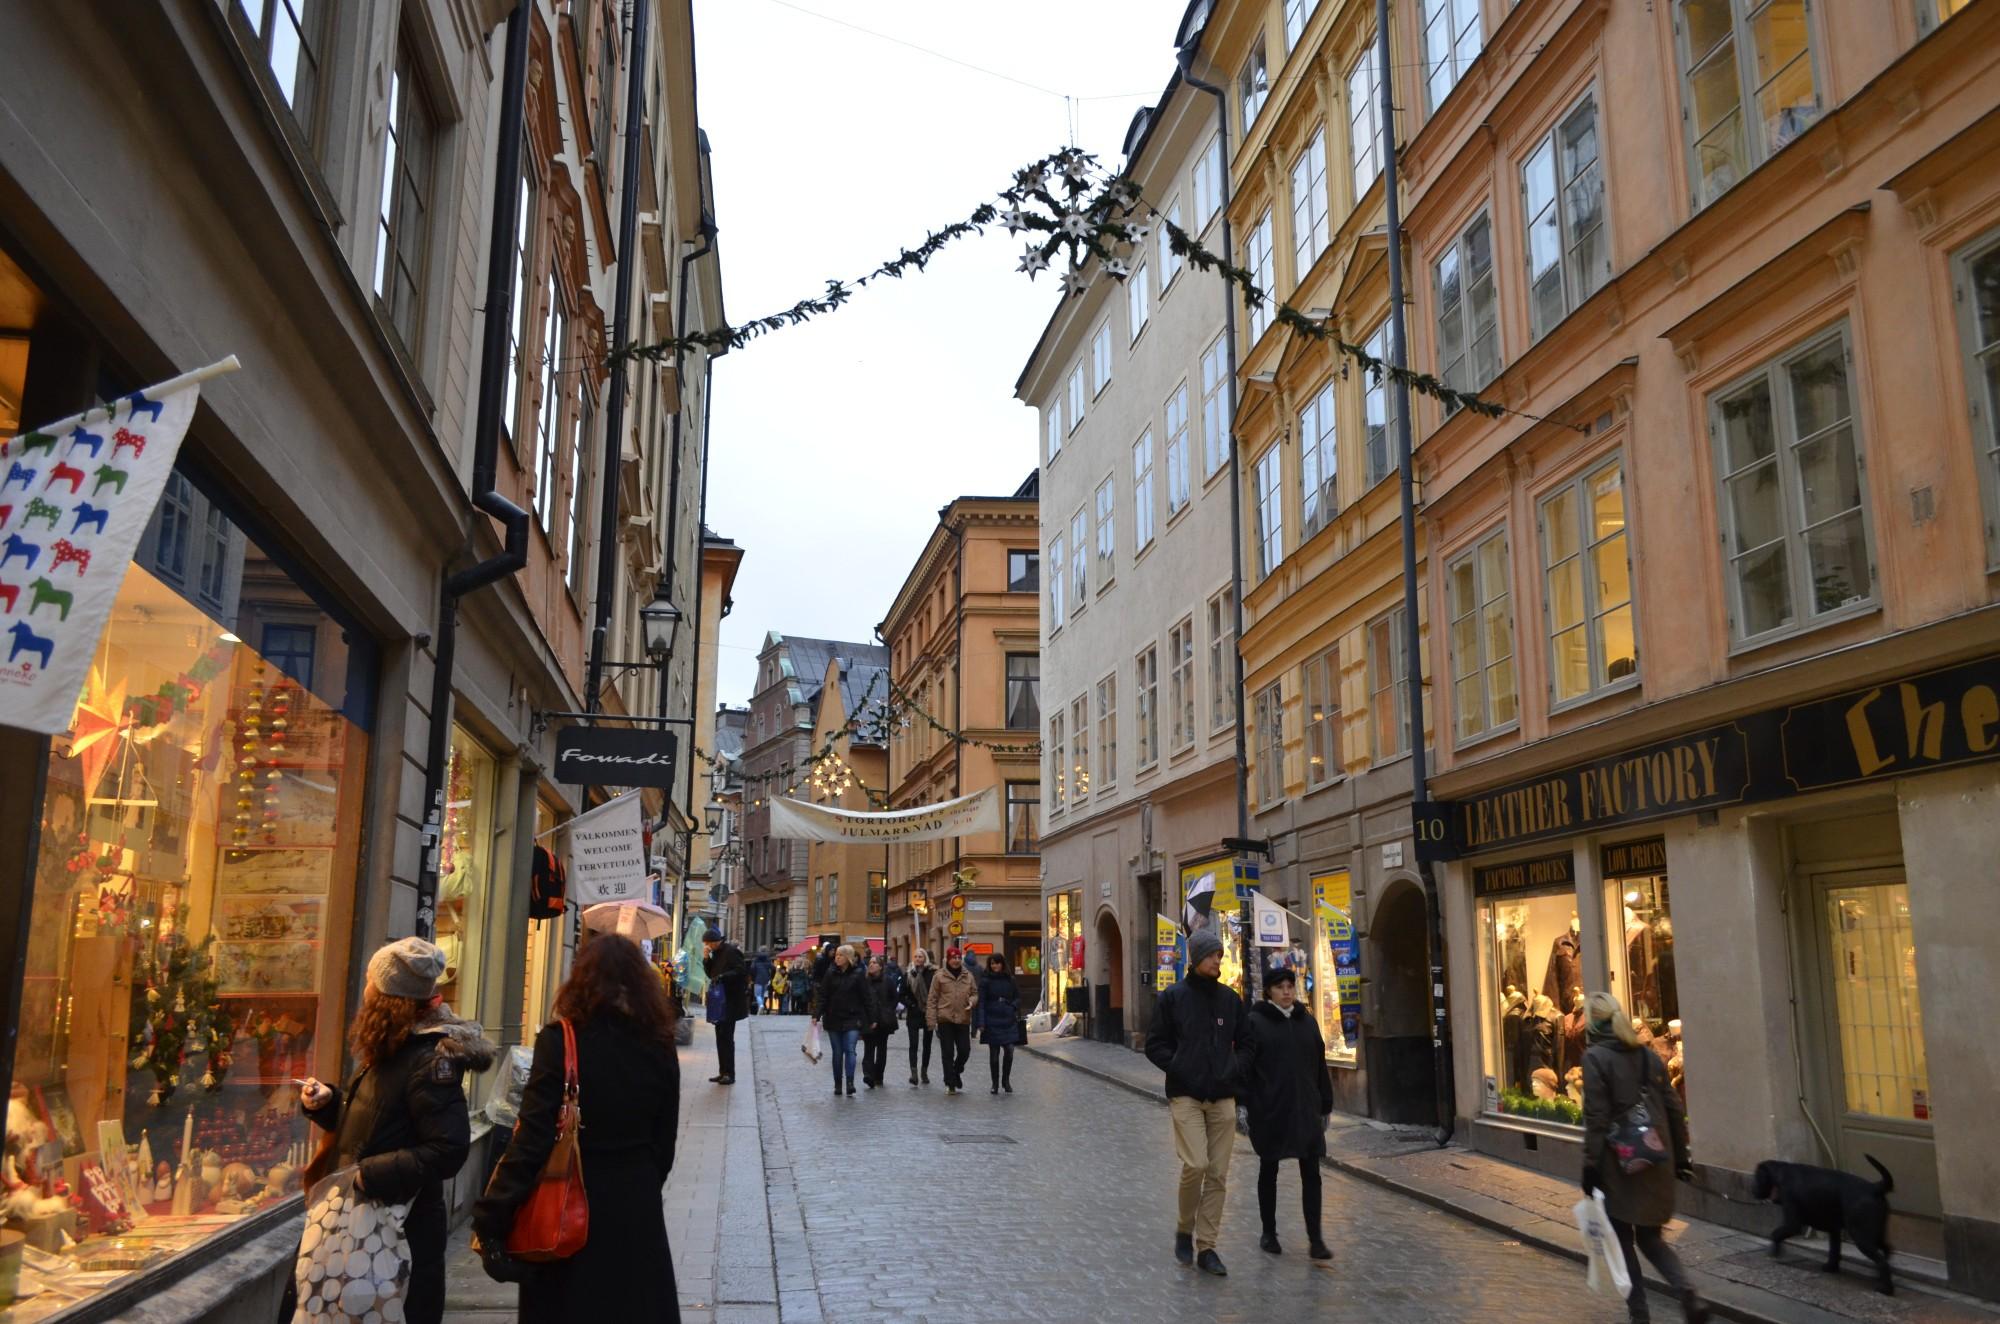 улицы стокгольма фото отметить, что оригинальная